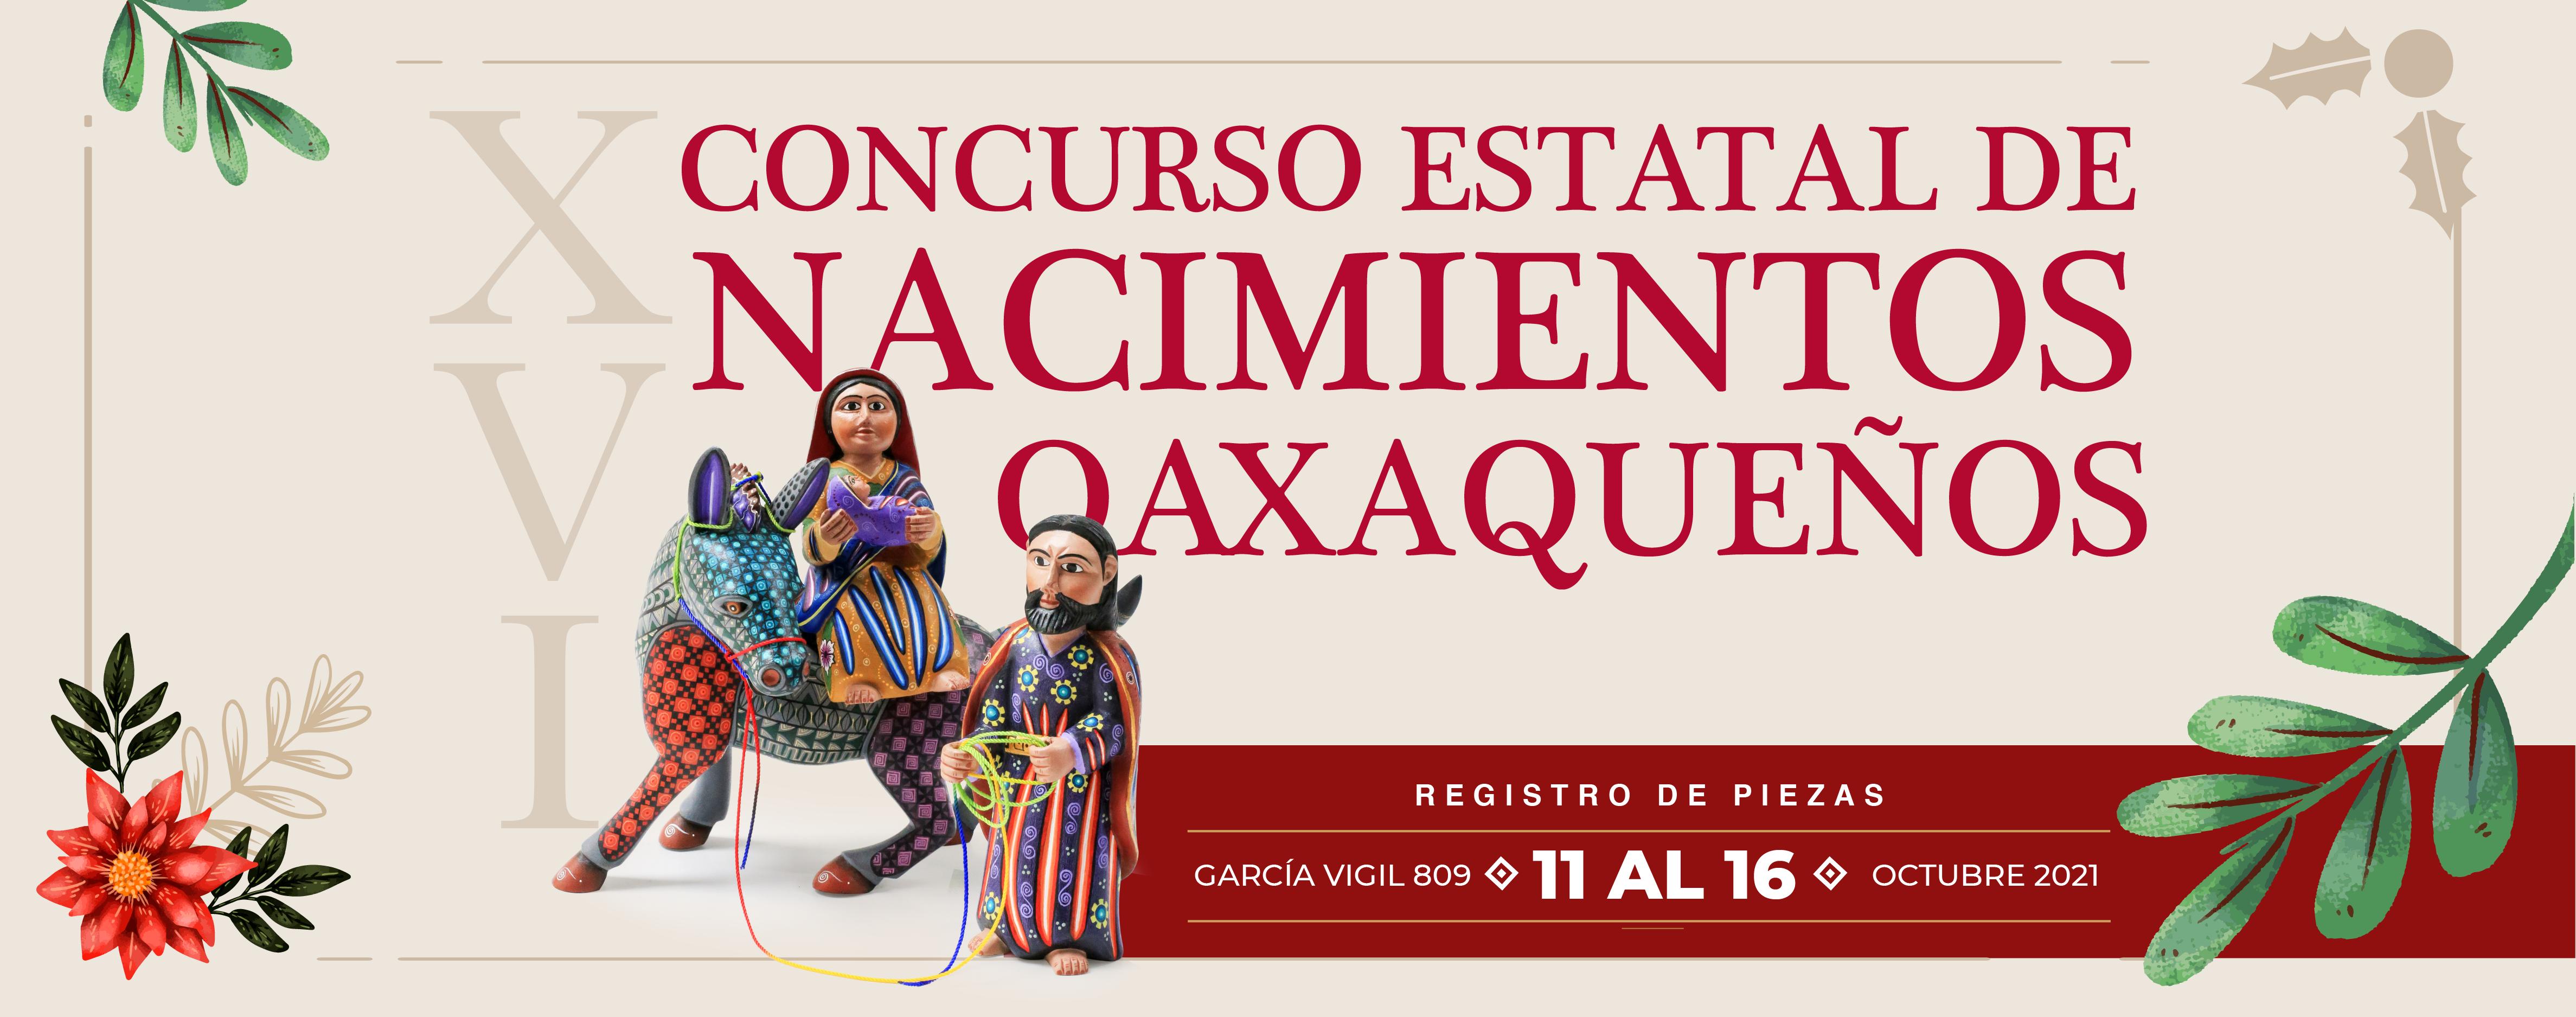 Concurso Estatal de Nacimientos Oaxaqueños